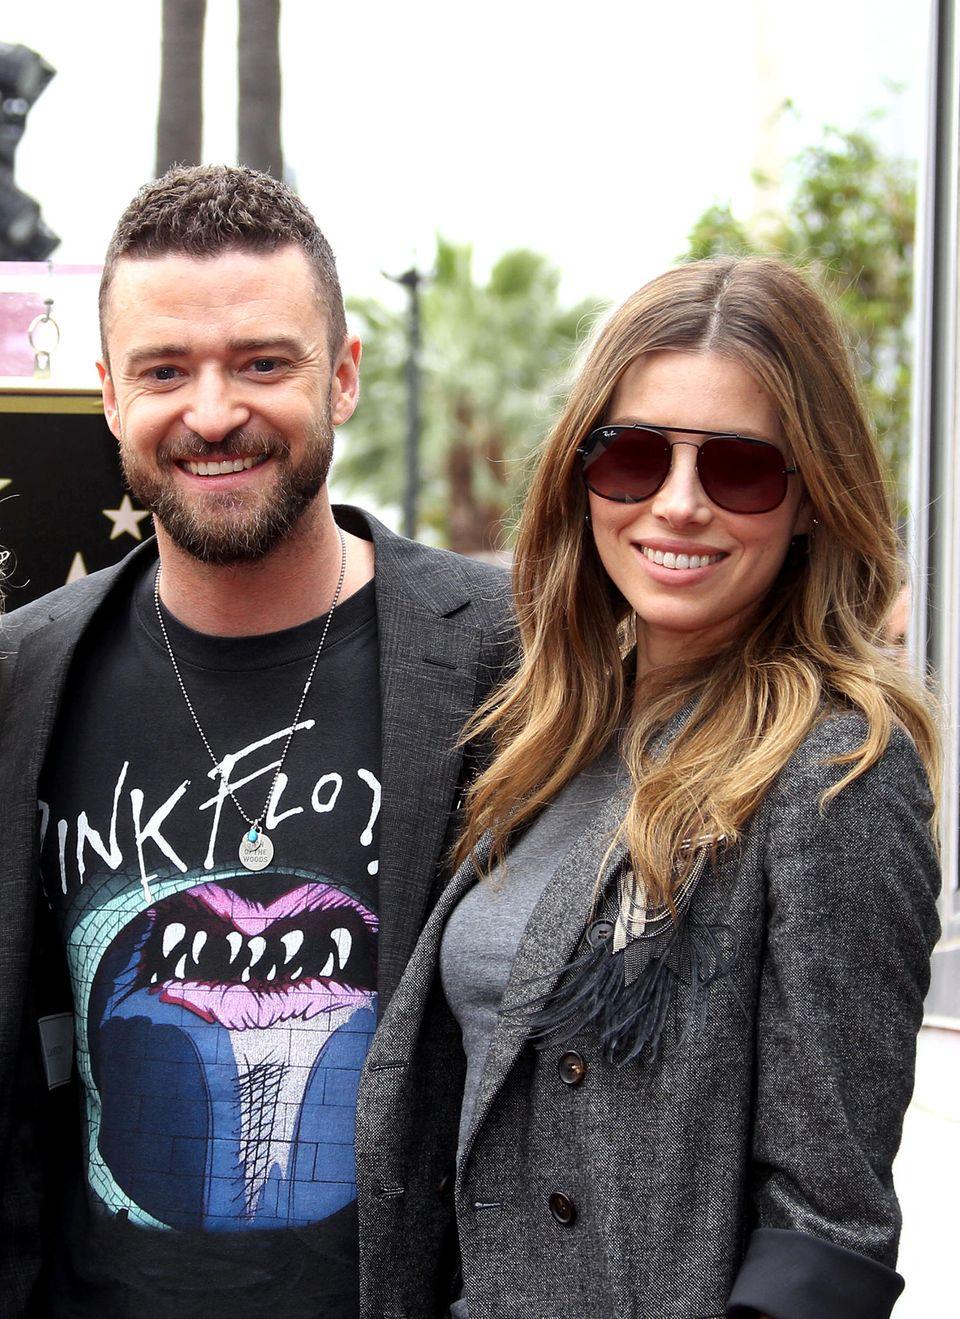 30. April 2018  Die Boygroup*NSYNC um Lead-Sänger Justin Timberlake bekommt einen Stern auf dem berühmten Walk of Fame. Da darf Jessica Biel natürlich nicht fehlen, um ihren Mann bei der Zeremonie zu unterstützen.